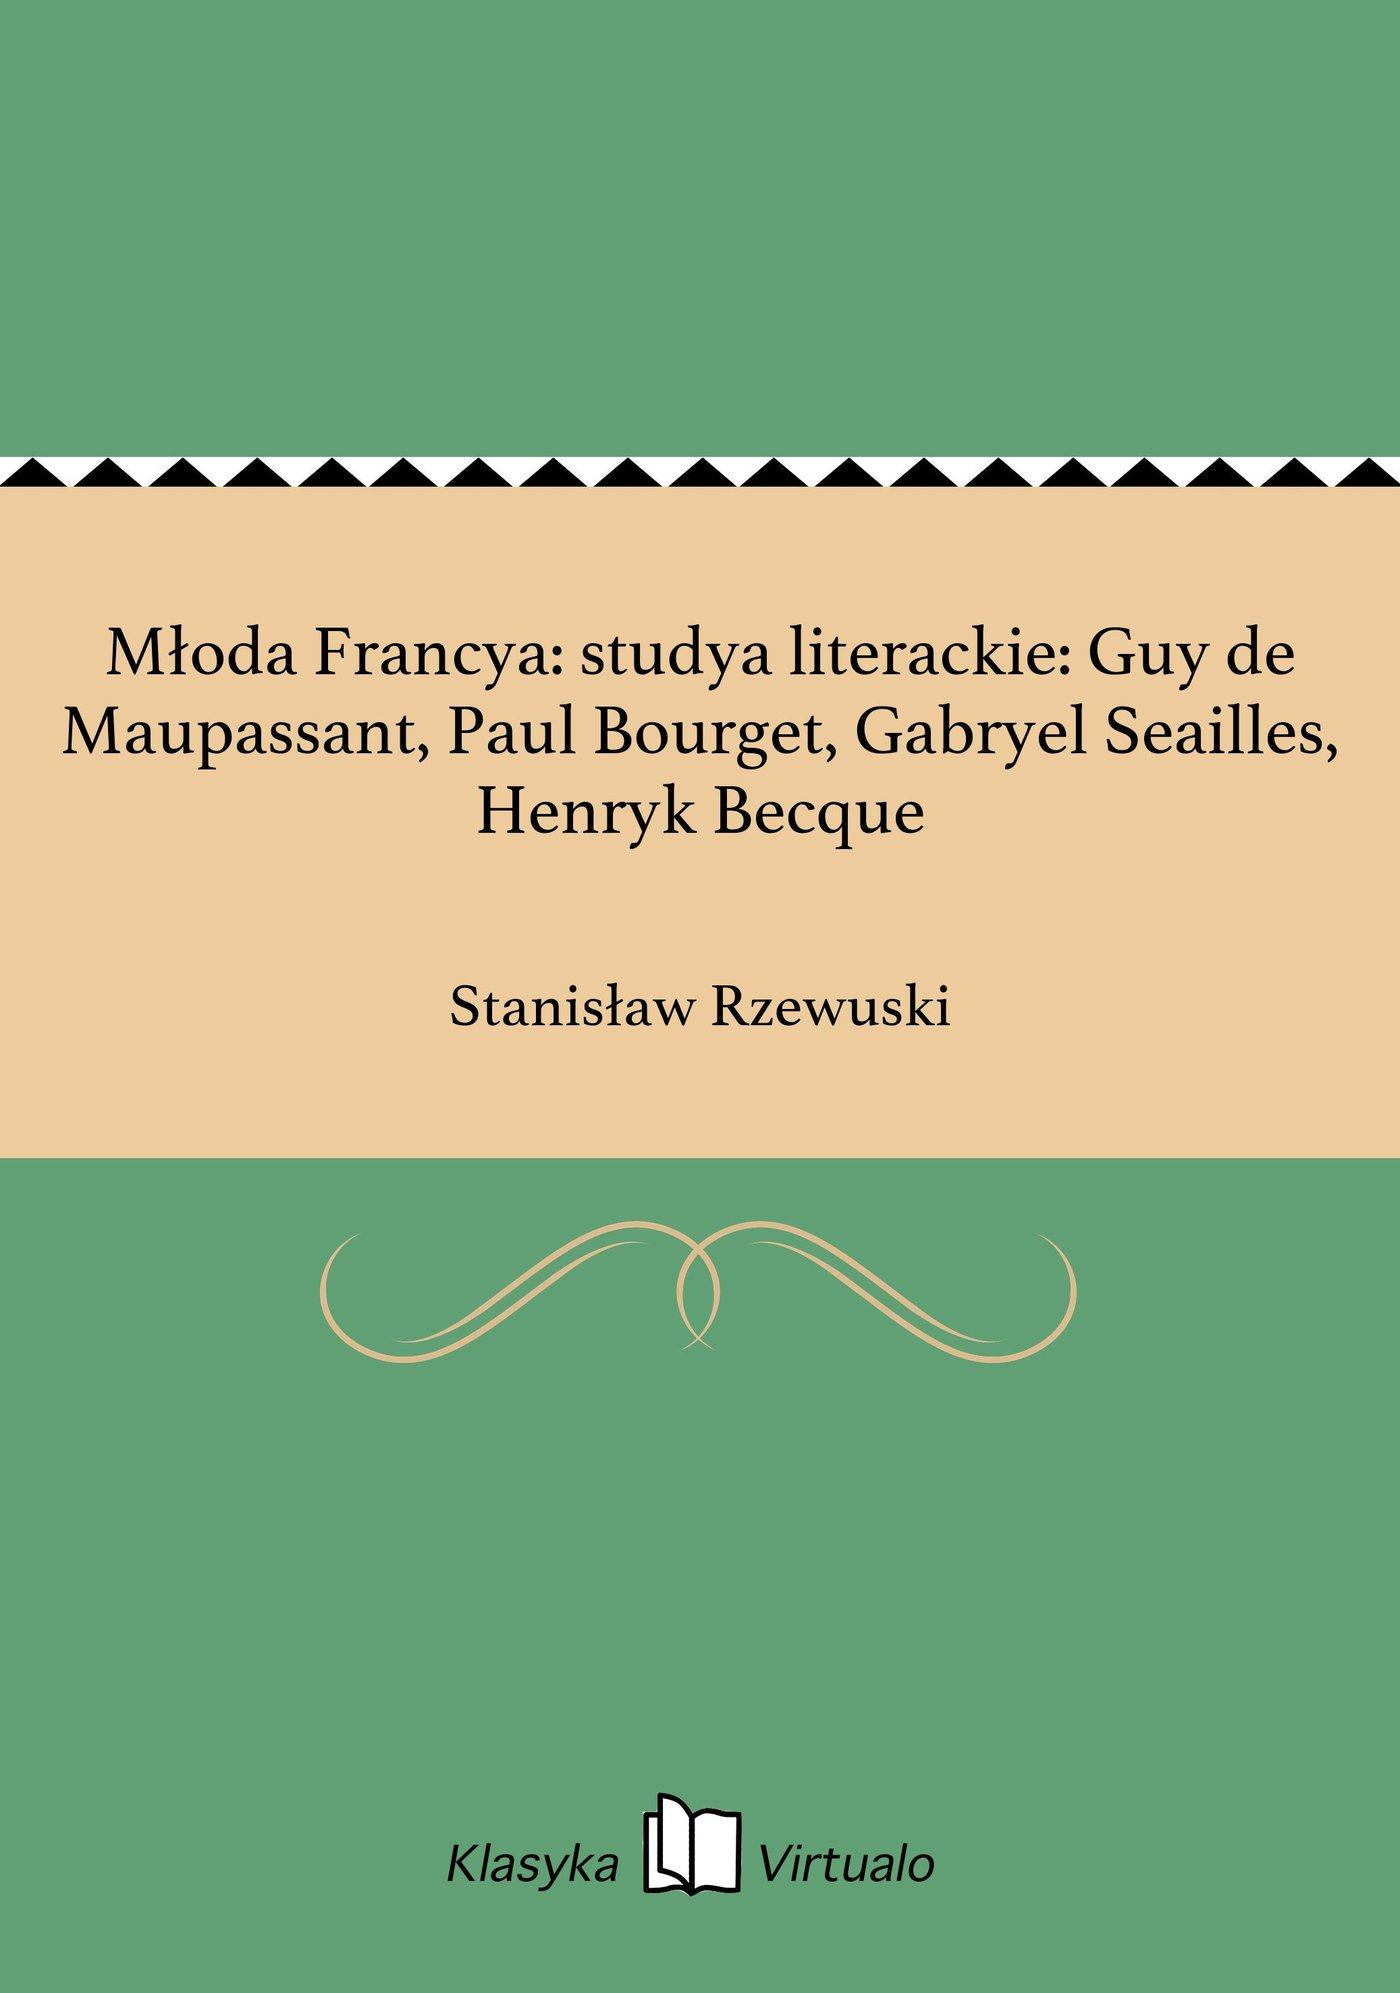 Młoda Francya: studya literackie: Guy de Maupassant, Paul Bourget, Gabryel Seailles, Henryk Becque - Ebook (Książka EPUB) do pobrania w formacie EPUB